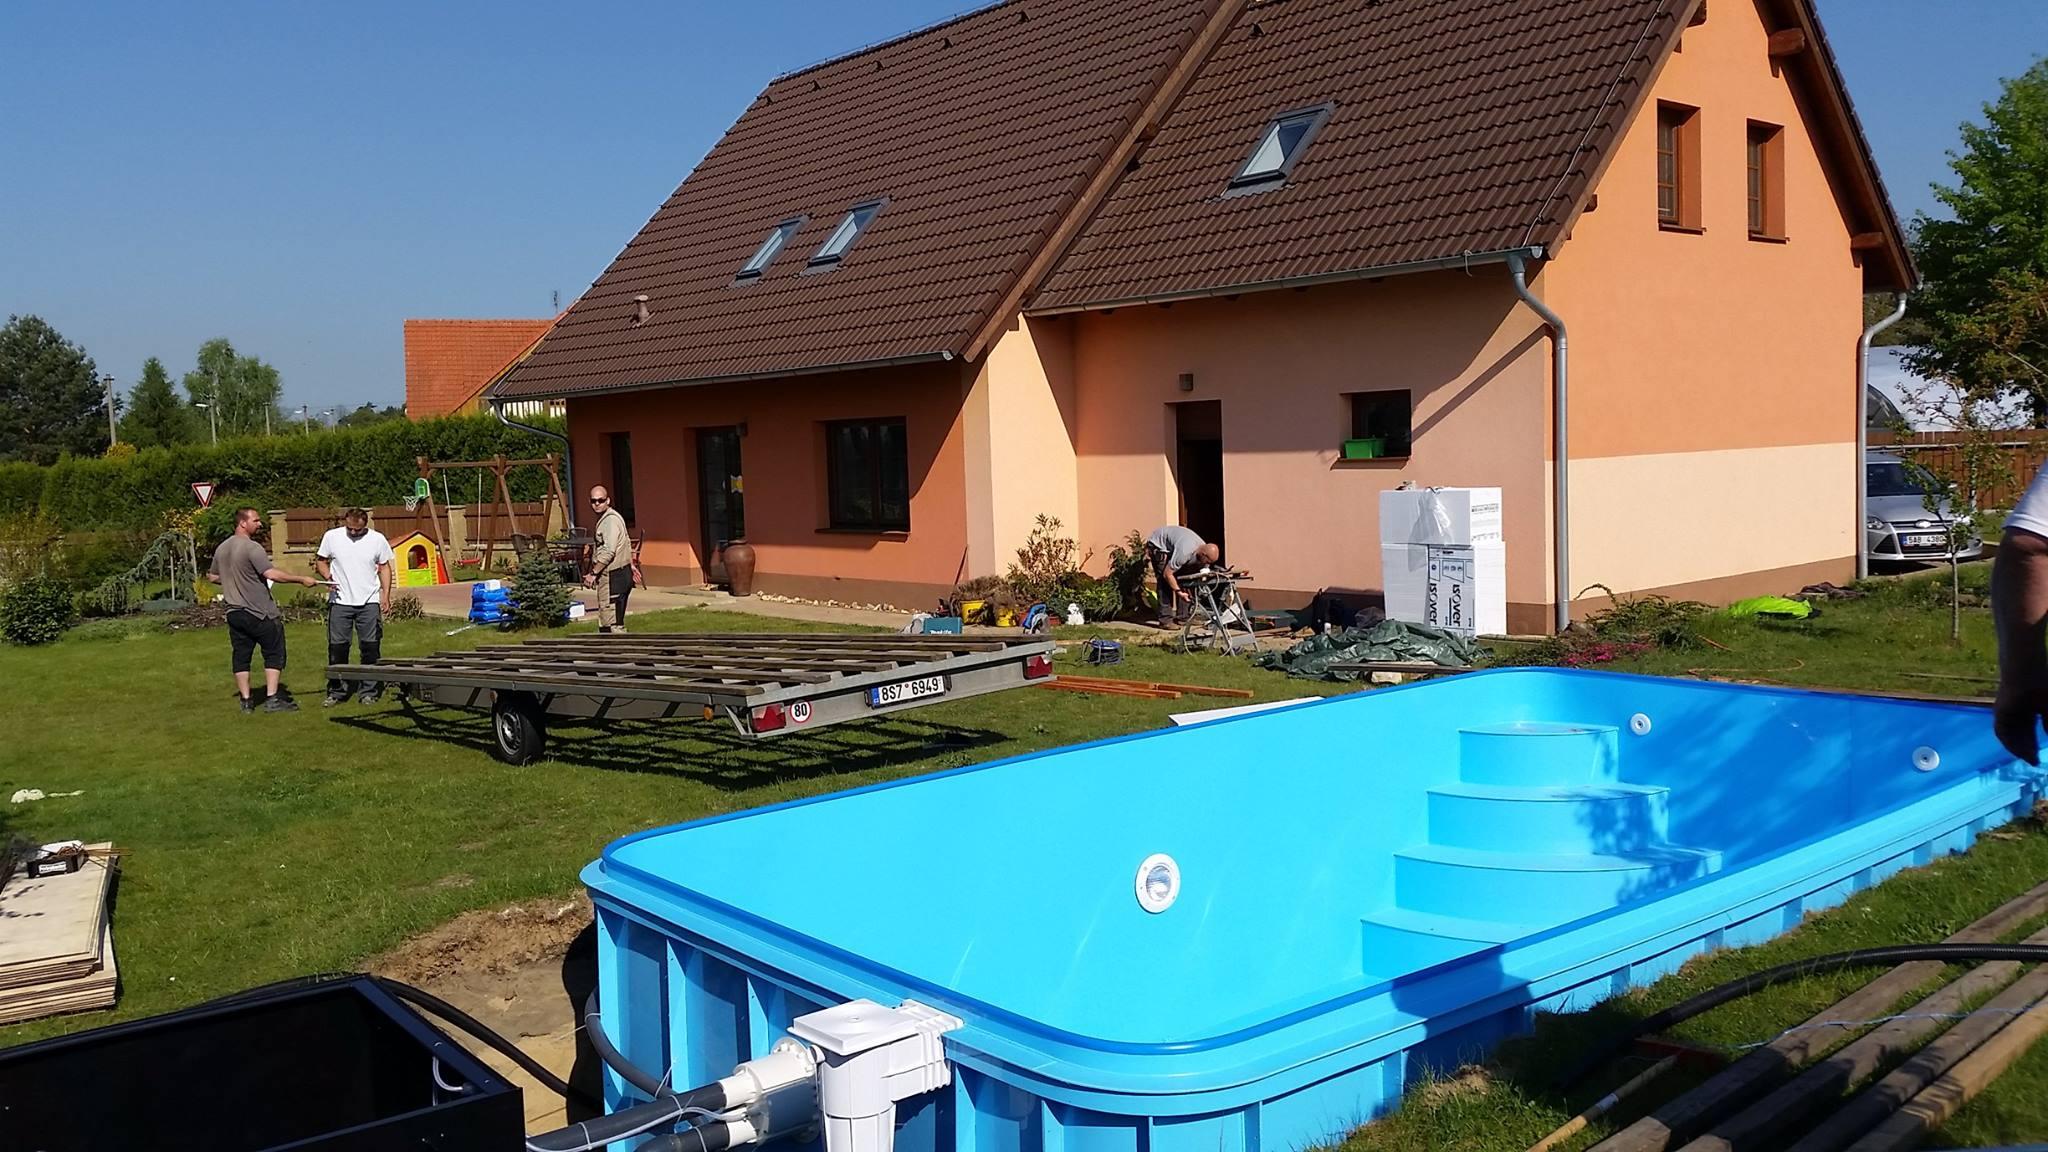 Zahradní zapuštěný plastový bazén